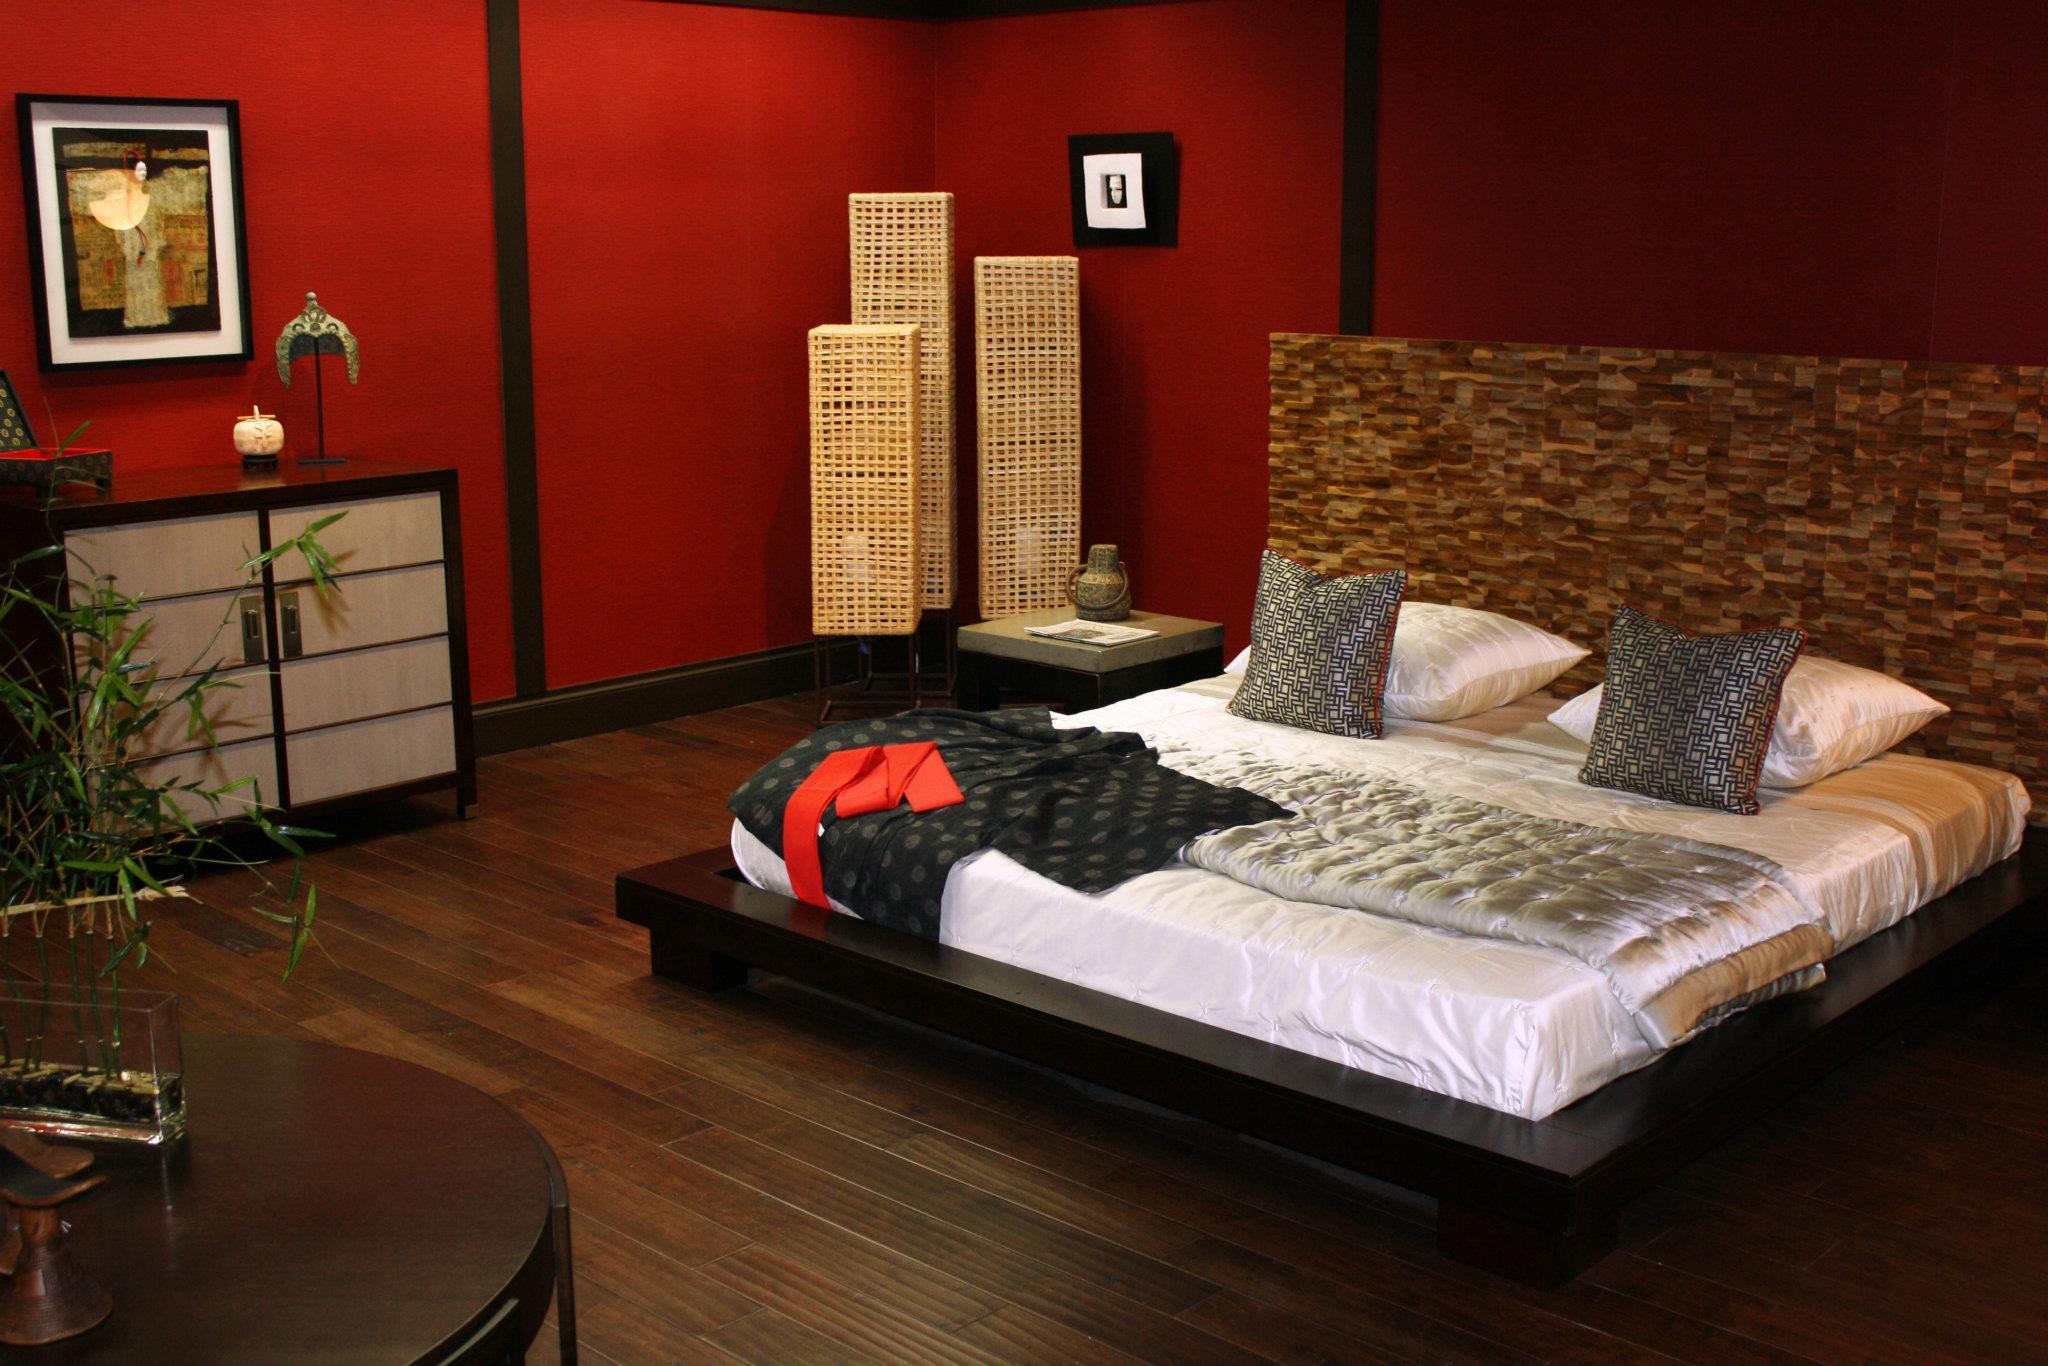 Full Size of Schlafzimmer Rot 50 Inspirationen In Wandtattoo Mit überbau Klimagerät Für Deckenlampe Badezimmer Neu Gestalten Teppich Romantische Komplett Lattenrost Und Wohnzimmer Schlafzimmer Gestalten